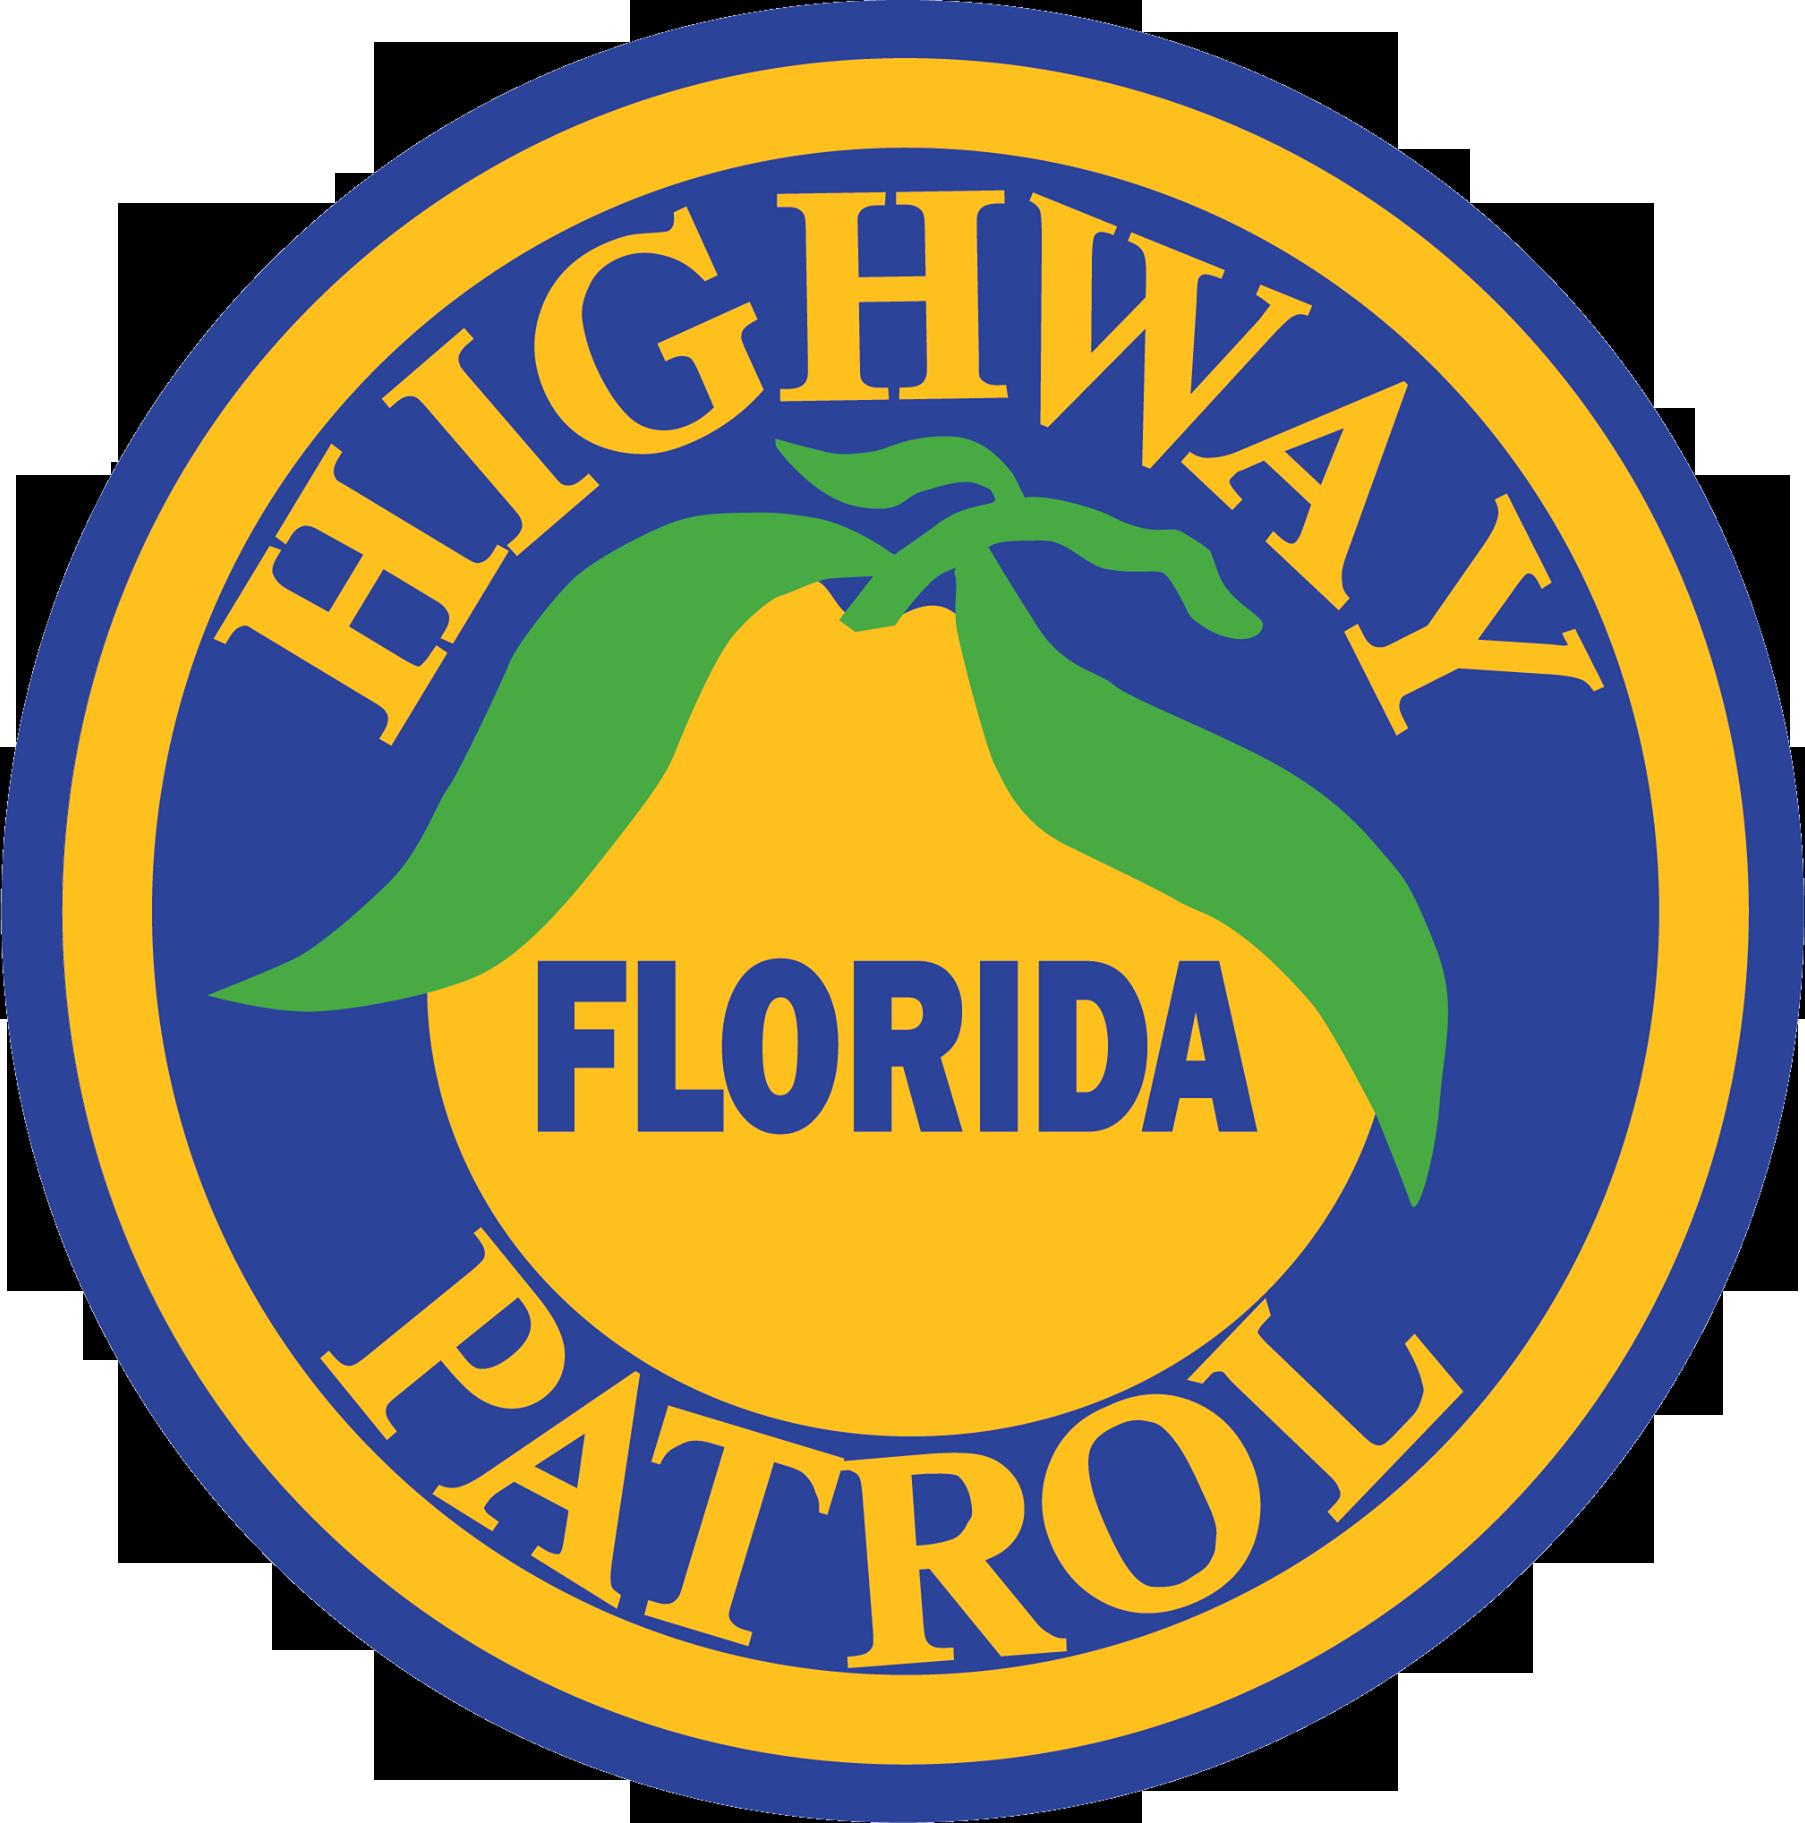 FL_Hwy_Patrol_digital_patch